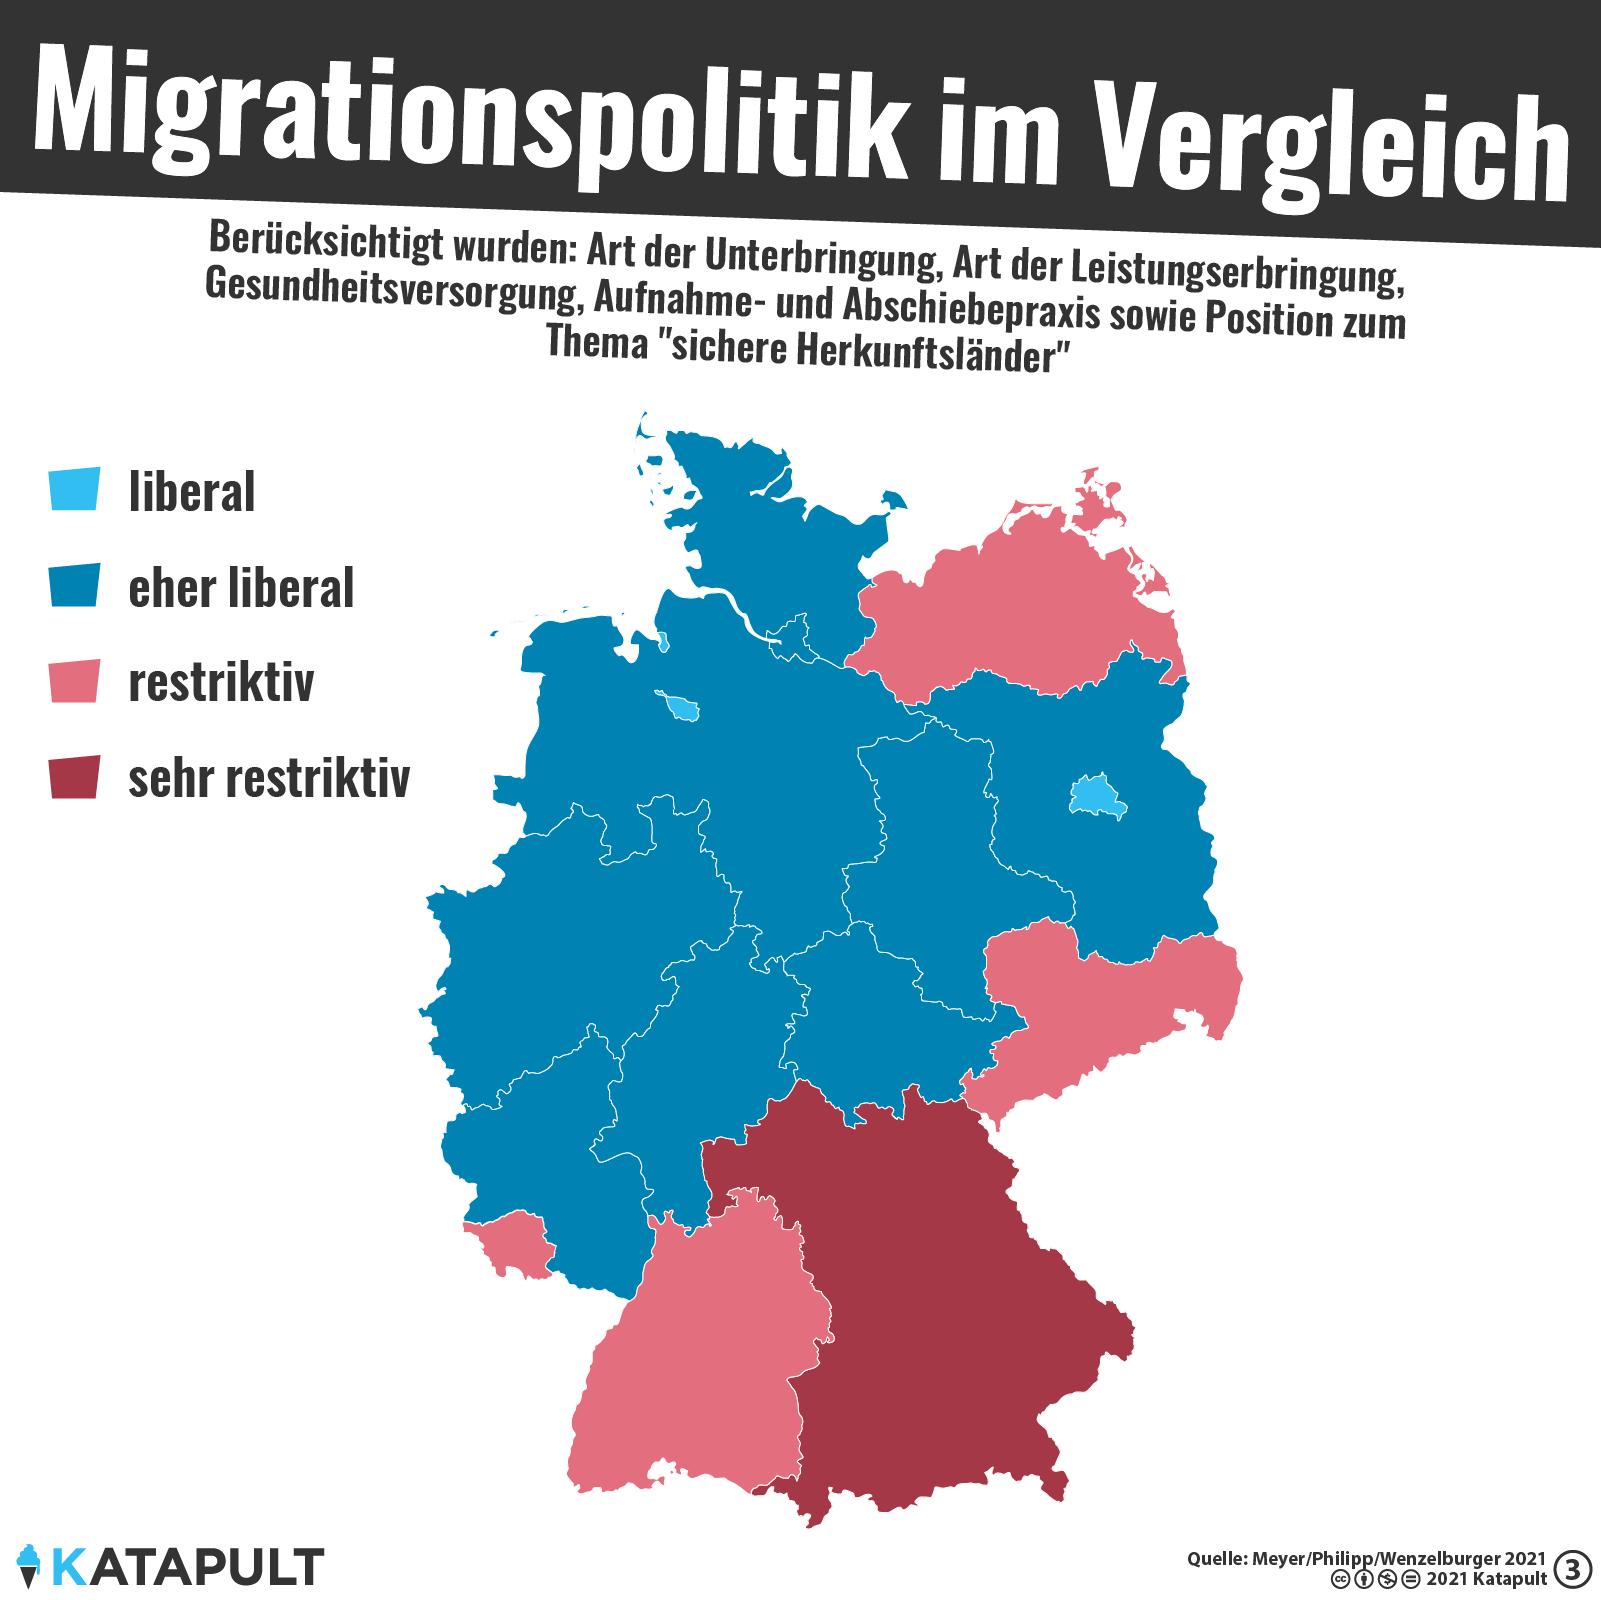 Migrationspolitik im Vergleich